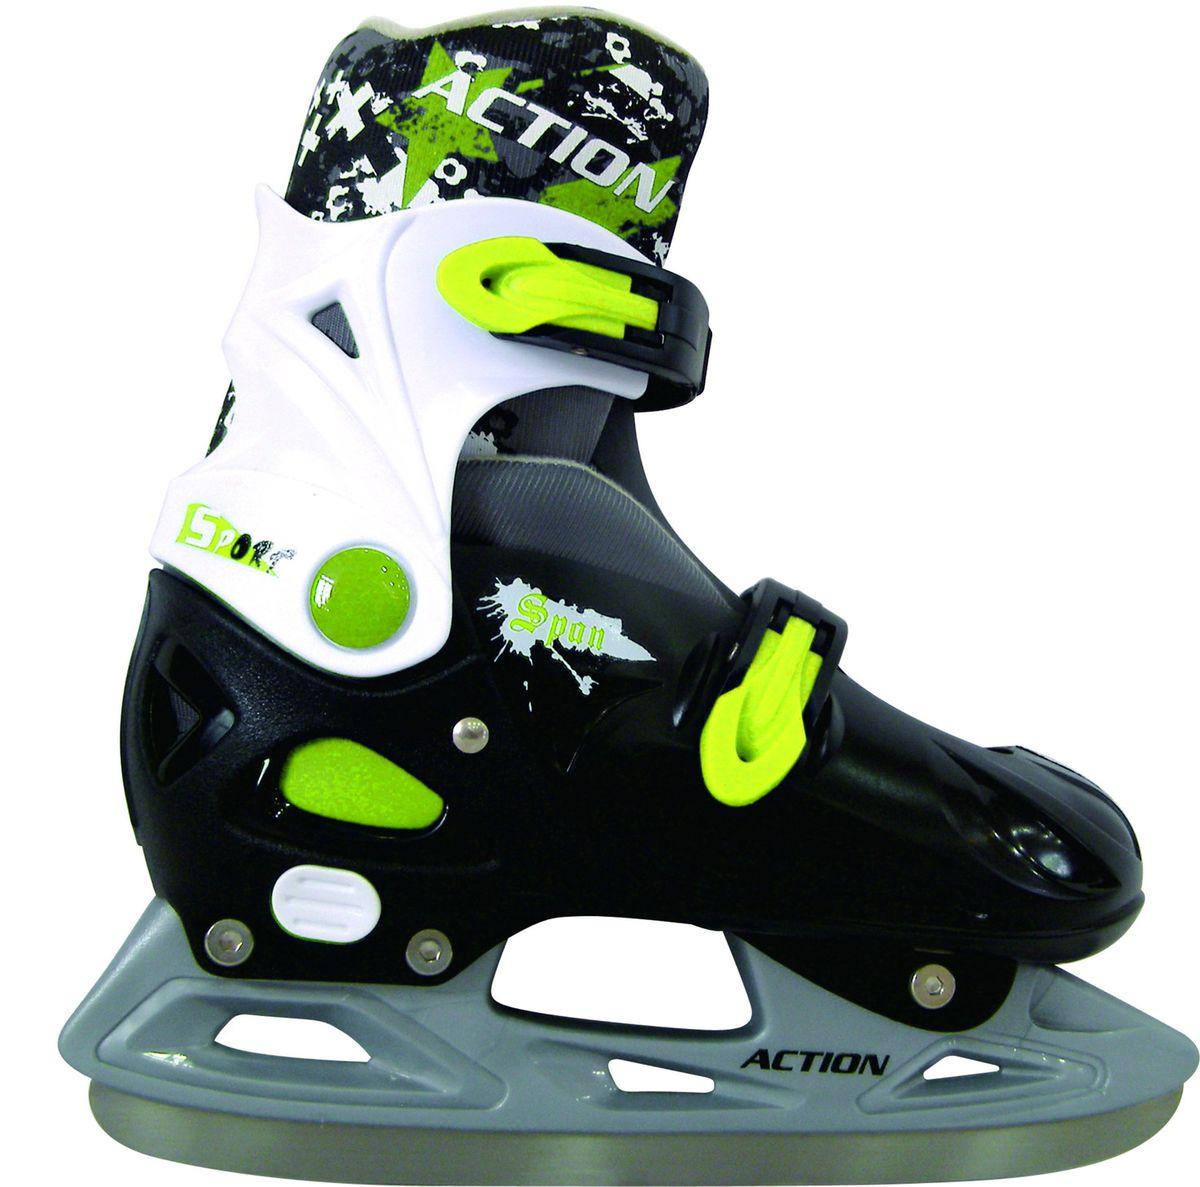 Коньки ледовые Action PW-333, раздвижные, цвет: черный, белый, зеленый. Размер 33/36PW-333Раздвижная конструкция ледовых коньков Action PW-333 пользуется огромной популярностью за счет того, что отпадает необходимость ежегодно покупать новую пару вслед за ростом ноги - ребенок может кататься на своих любимых коньках не один год. Конечно, это не означает, что такие модели предназначены исключительно для детей. Размерные сетки таких моделей позволяют приобретать эти коньки и взрослым.Тип: раздвижные.Материал ботинка: нейлон, армированный каркасом из жесткого полиуретана. Материал подкладки: синтетическая ткань.Тип фиксации: клипсы.Рама: интегрированная, материал – полиуретан.Лезвие: тип – хоккейное, материал – нержавеющая сталь.Защитное напыление: есть.Вид применения: любительское катание на льду.